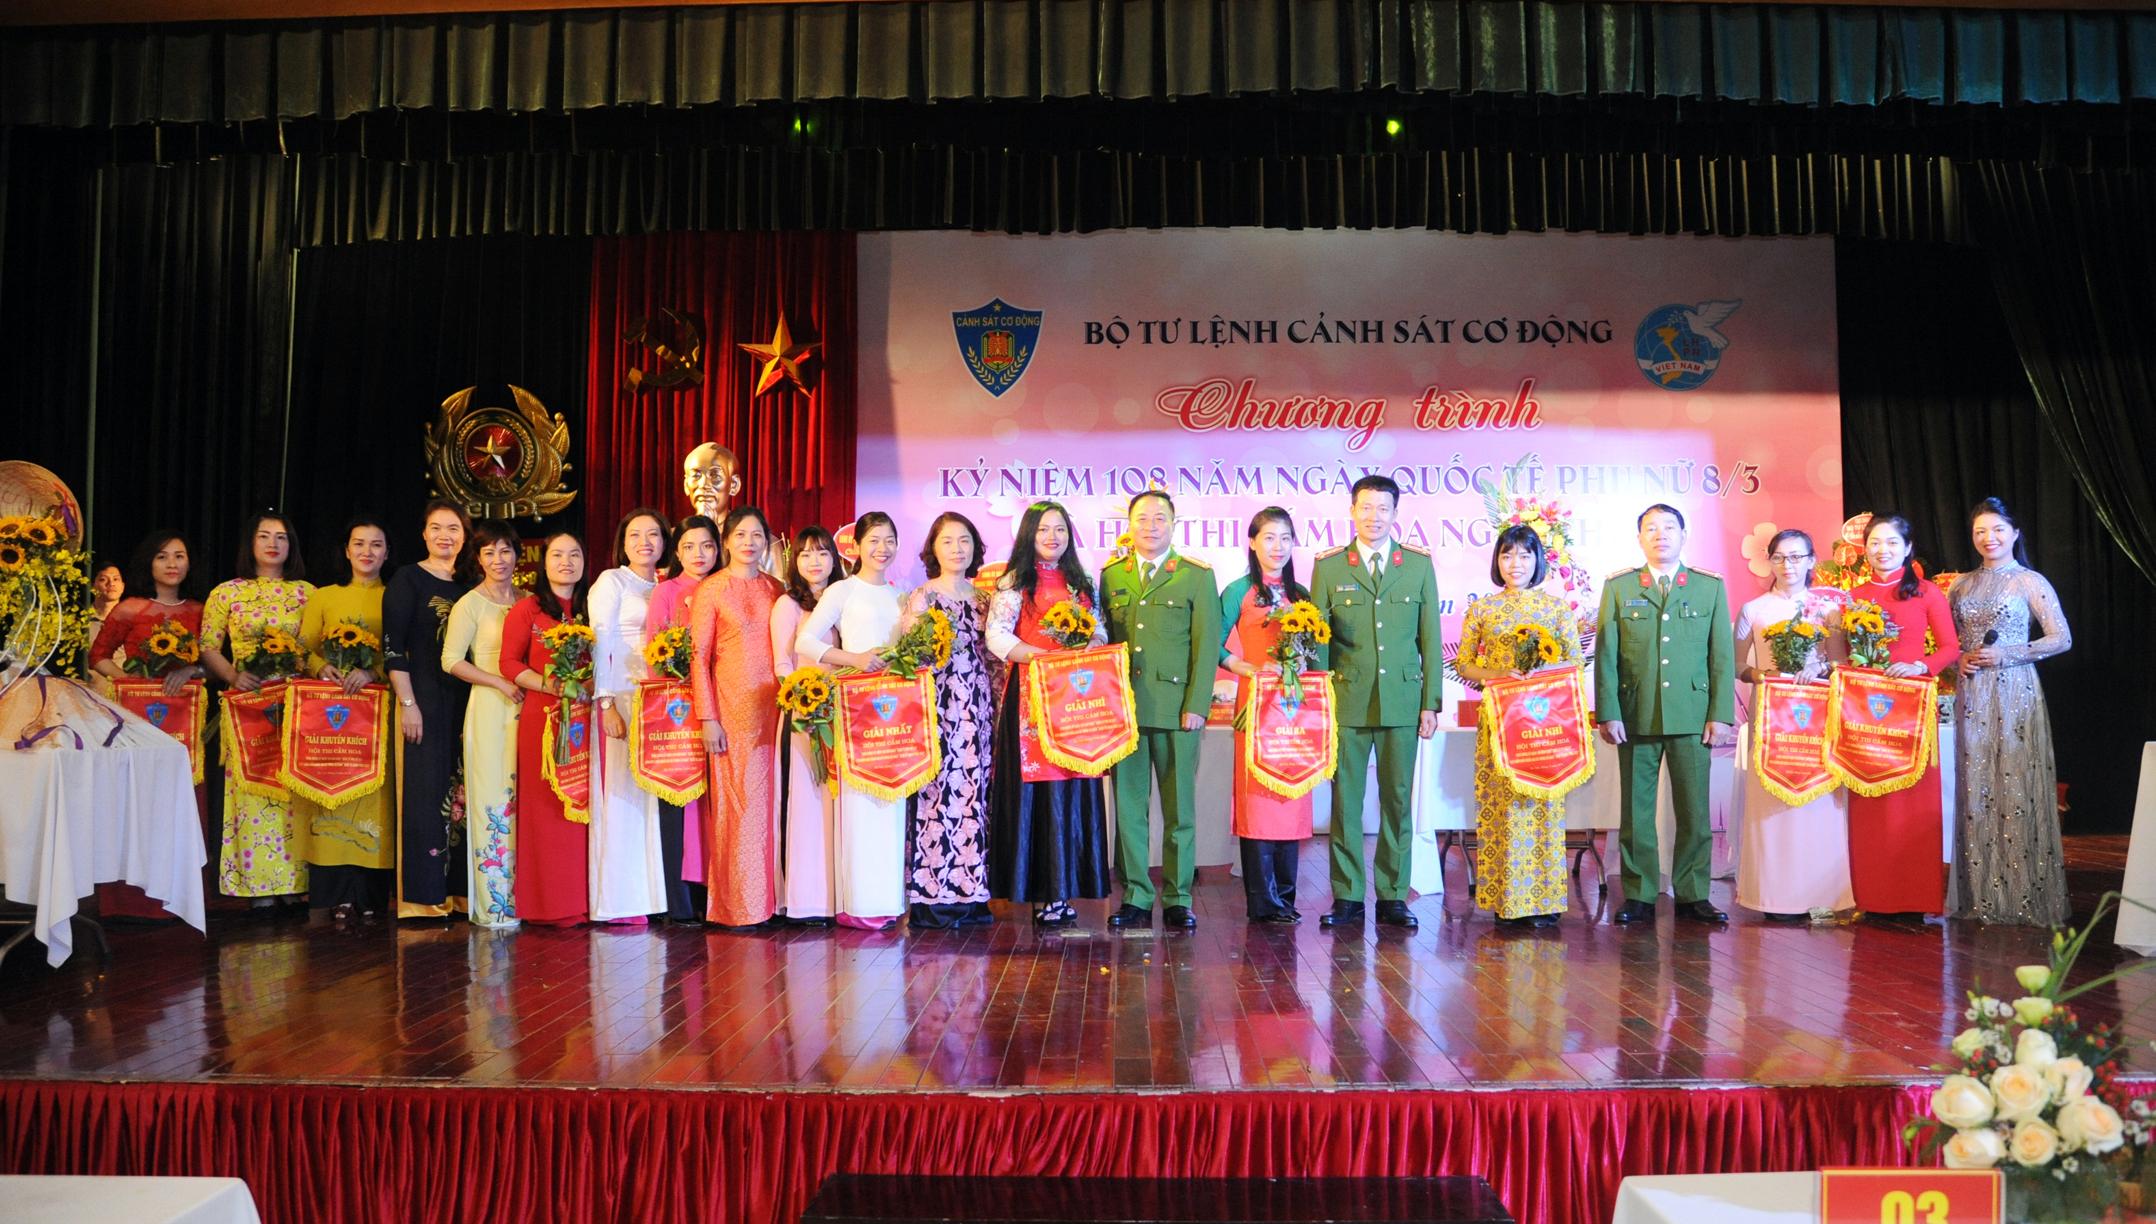 Rực rỡ Hội thi cắm hoa nghệ thuật chào mừng ngày Quốc tế Phụ nữ 8-3